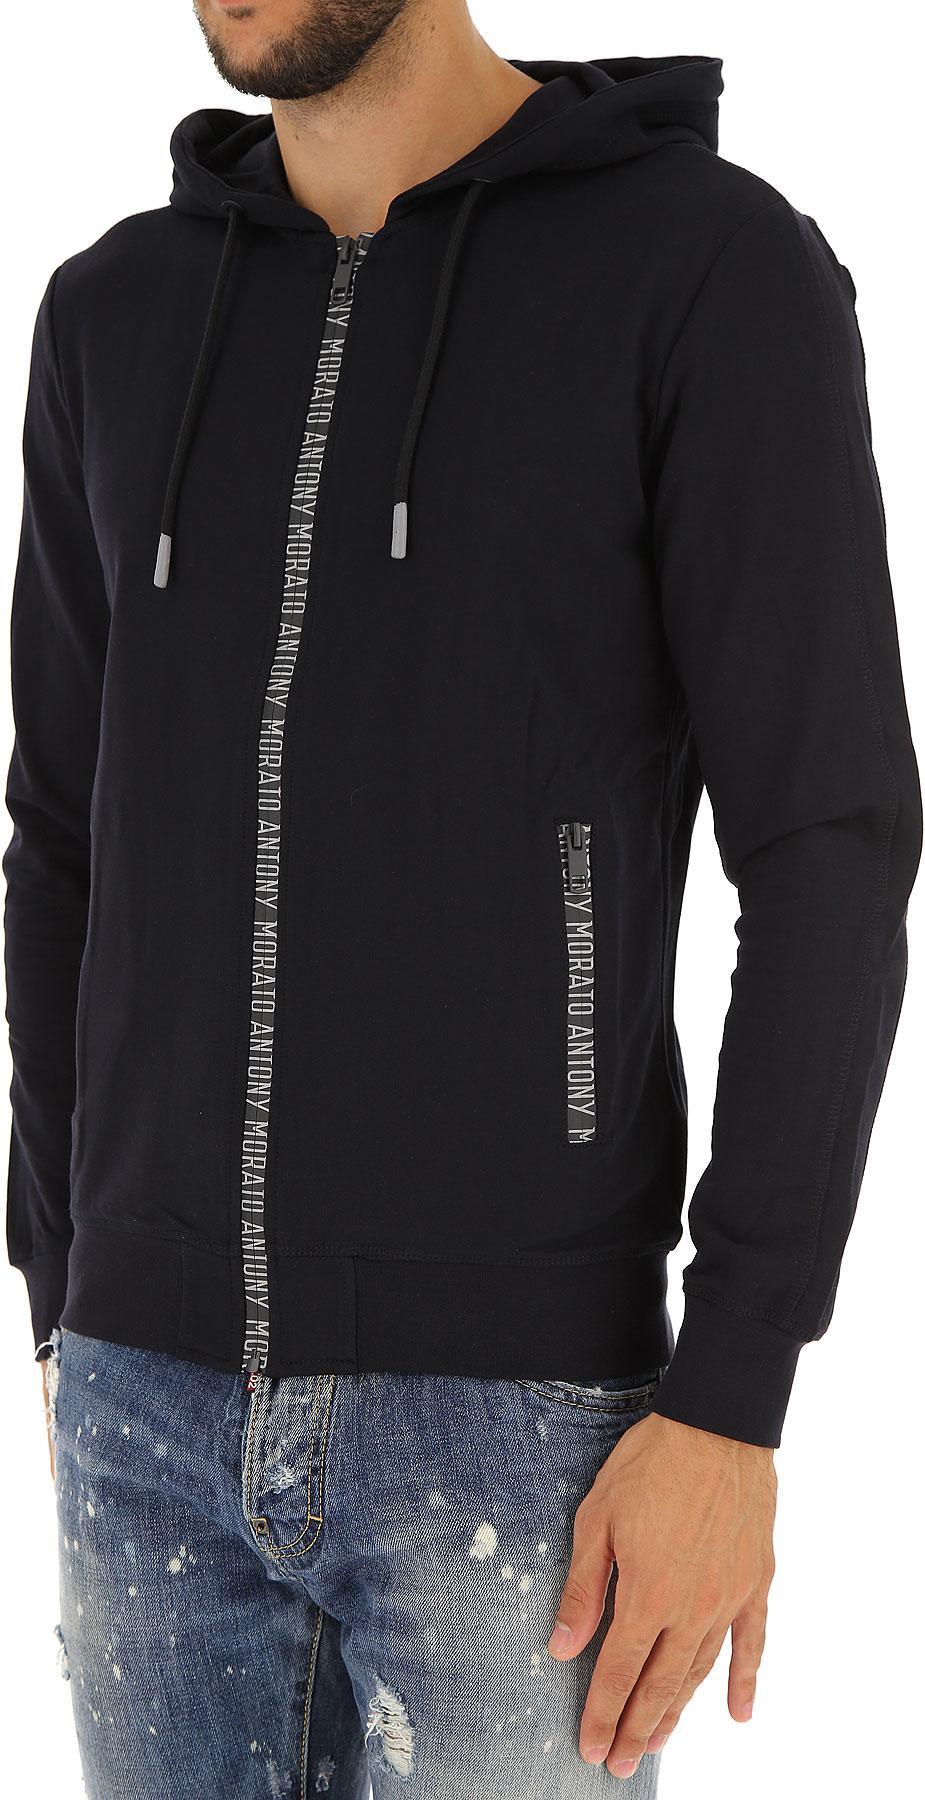 Abbigliamento Uomo Antony Morato, Codice Articolo: fl00325-fa150048-7051